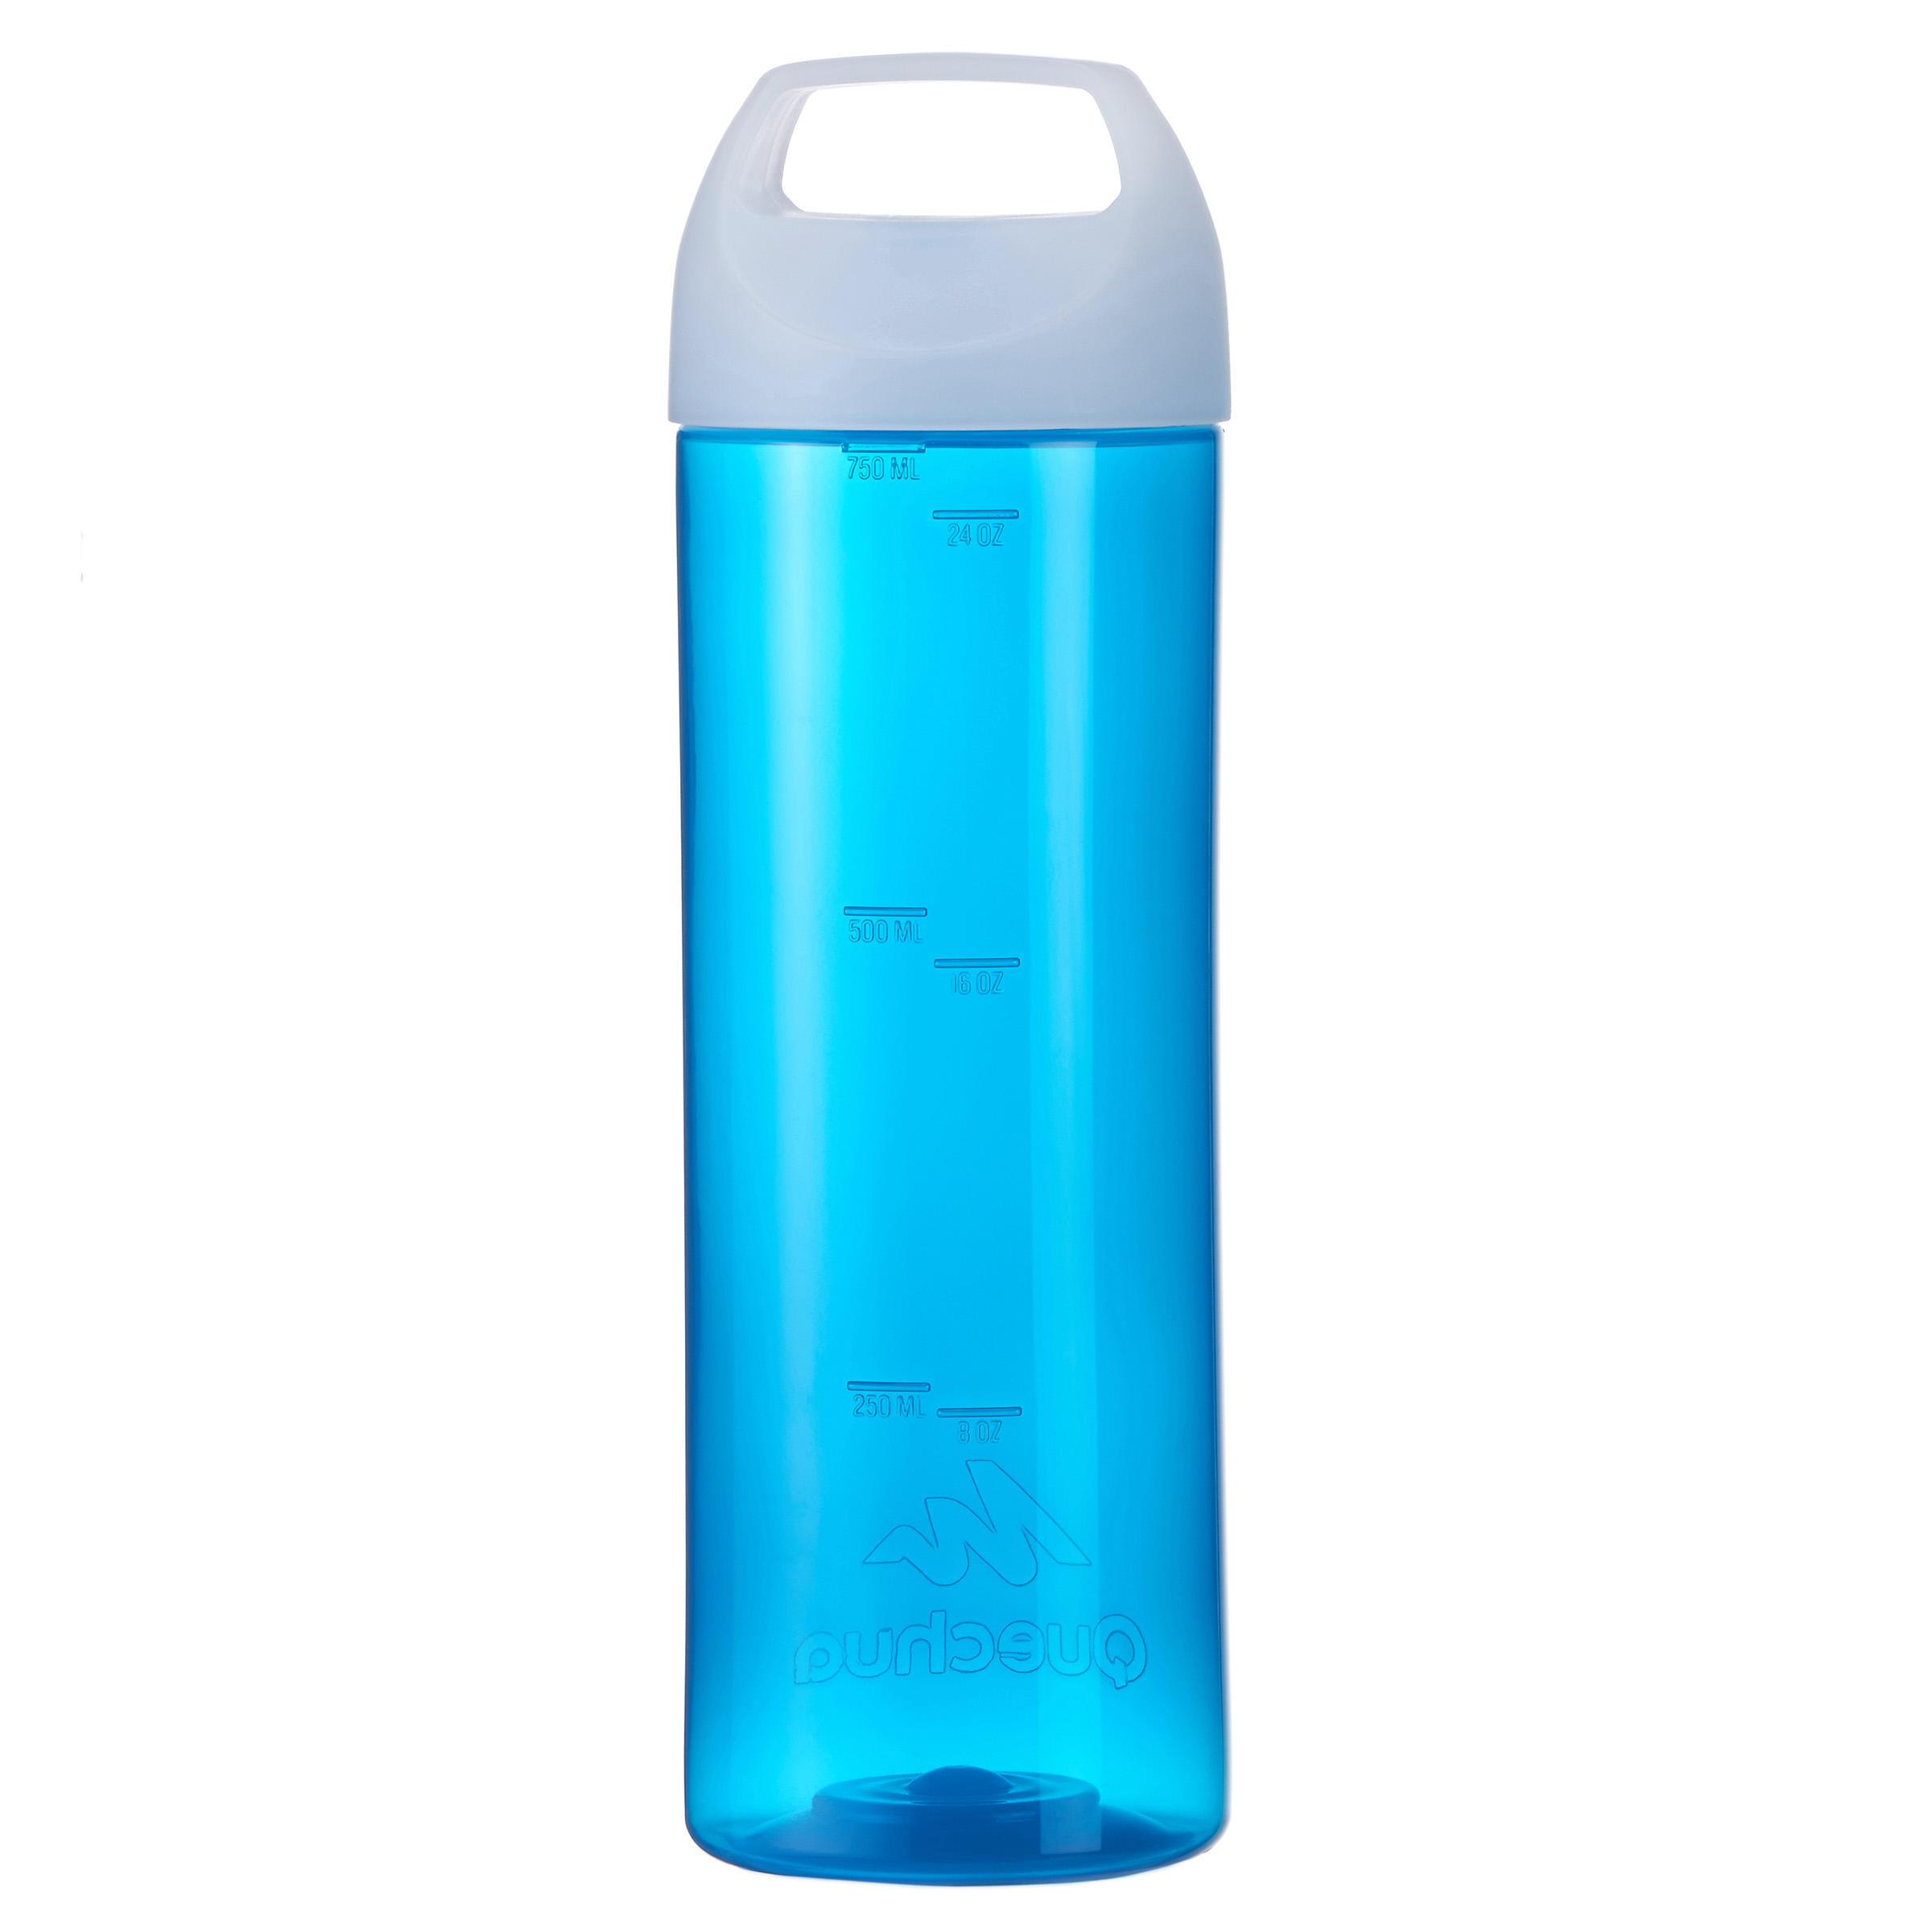 ขวดน้ำ 0.75 ลิตร...